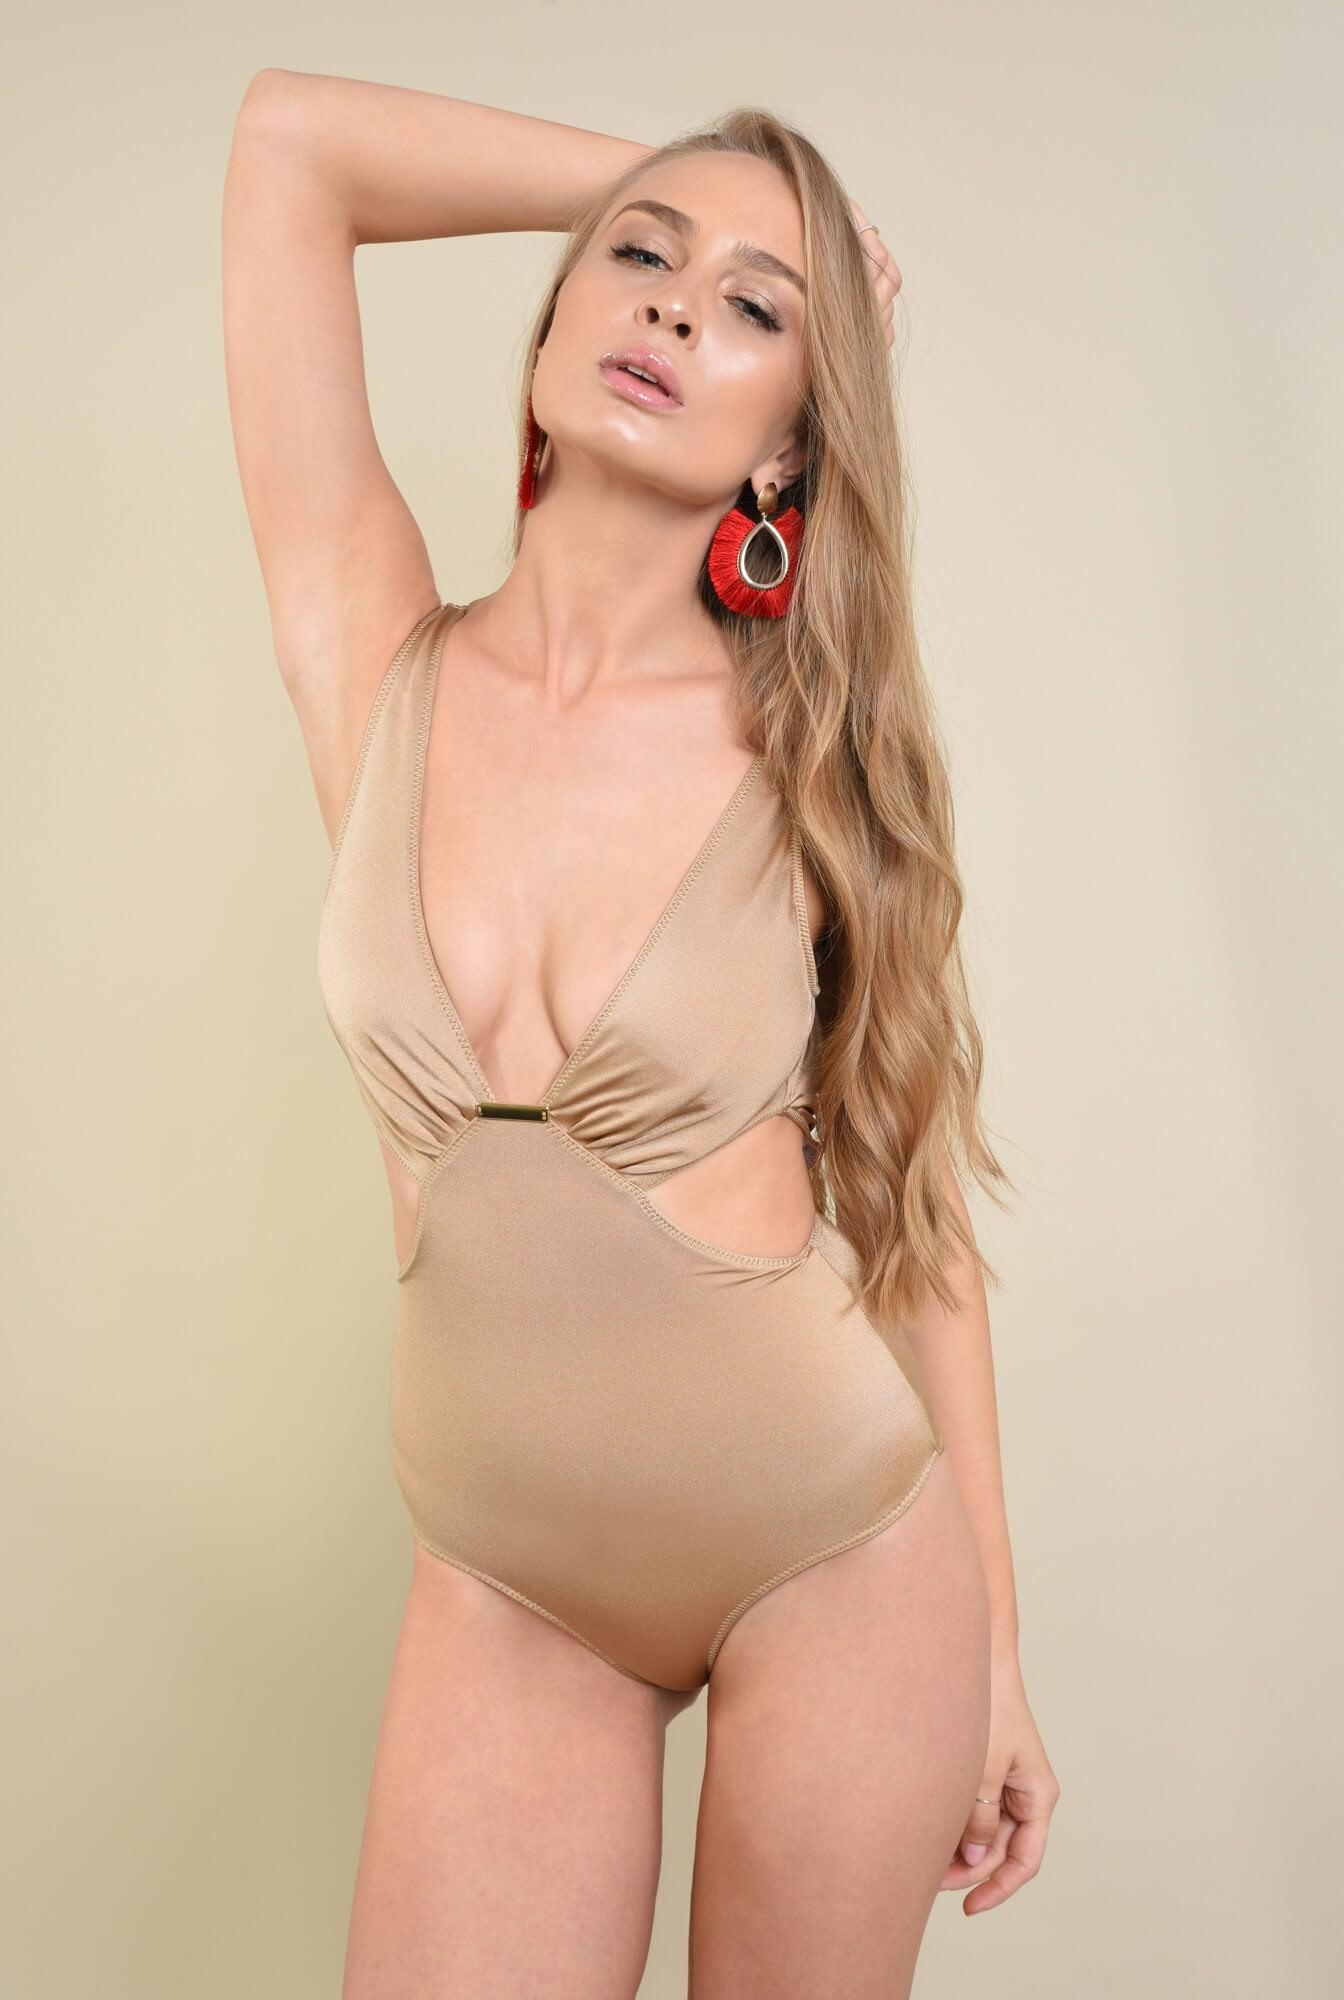 1 - costum de baie intreg, nude, decupaje